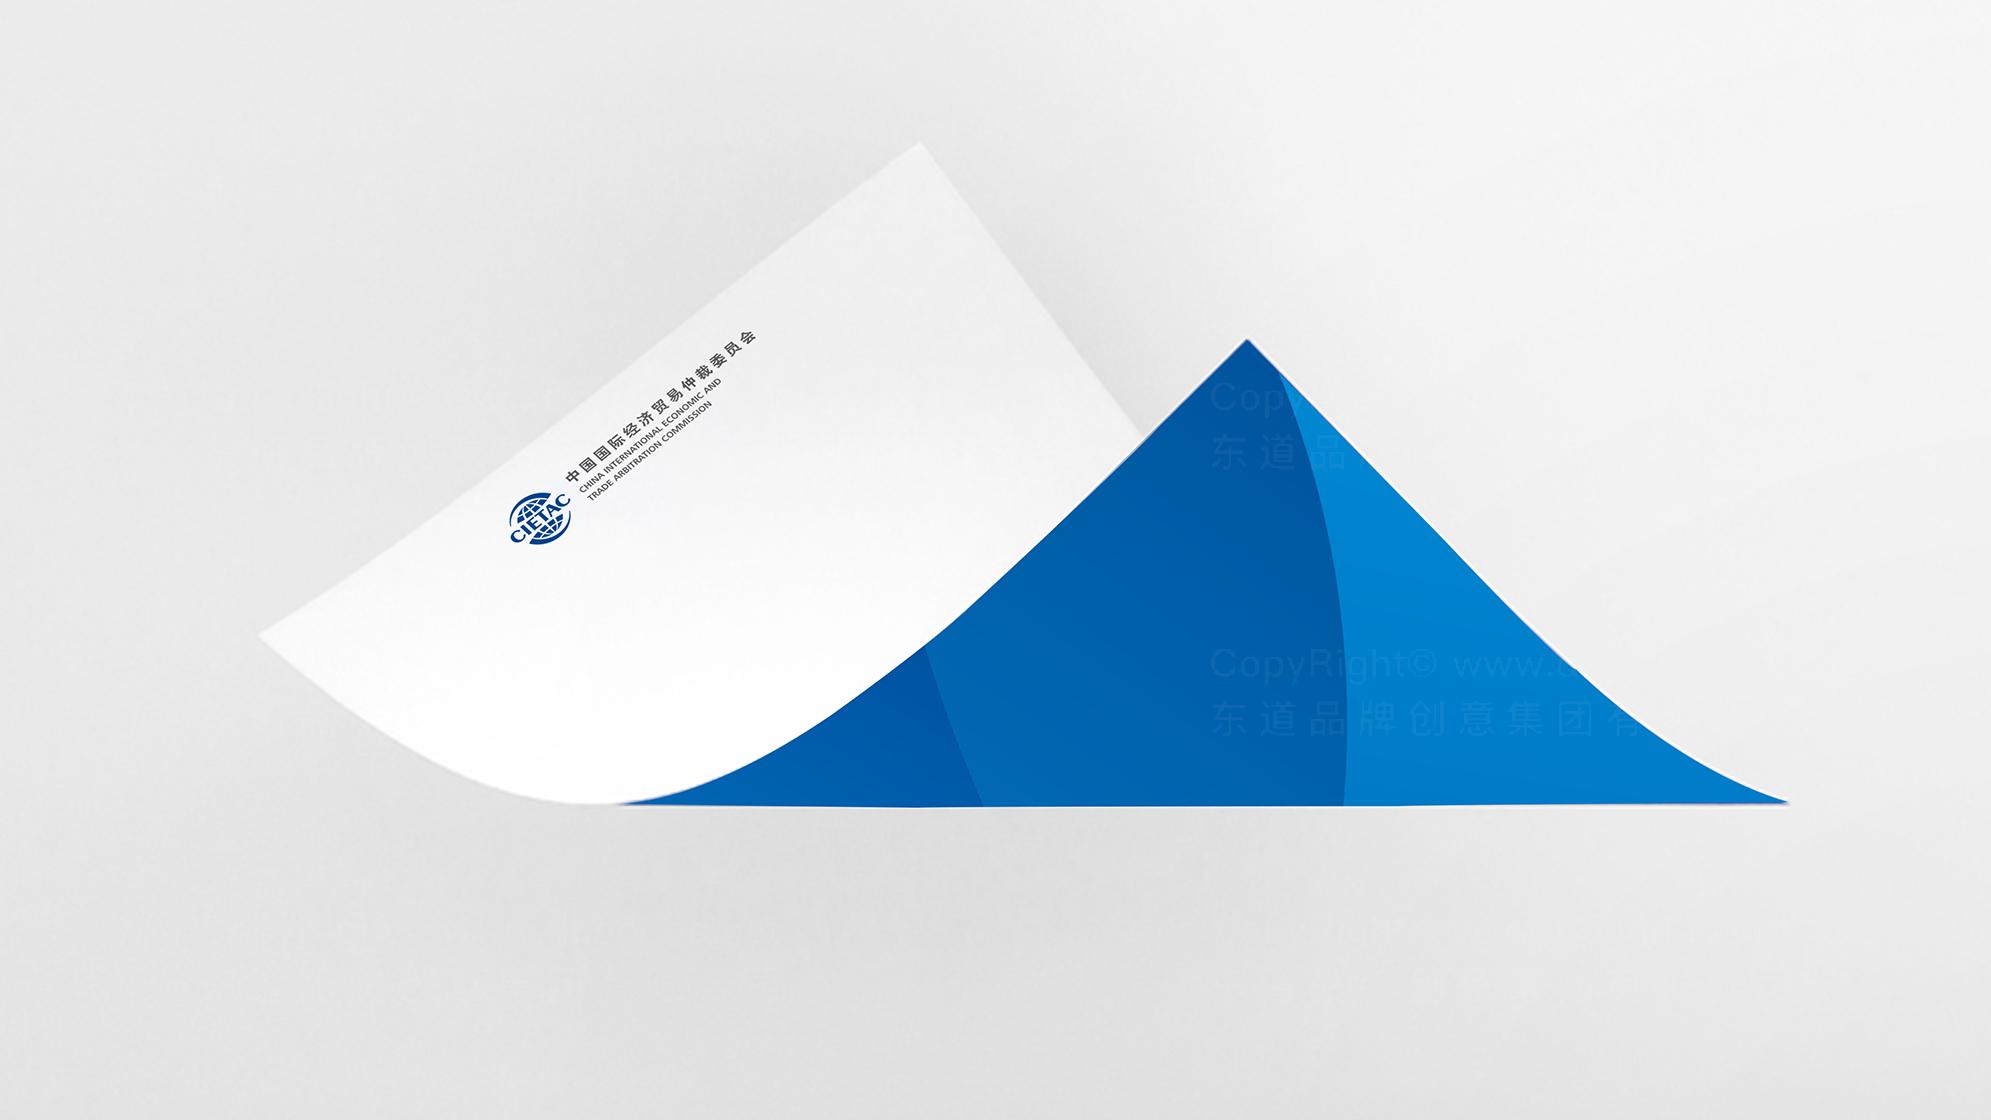 品牌设计经济贸易仲裁委员会标志设计应用场景